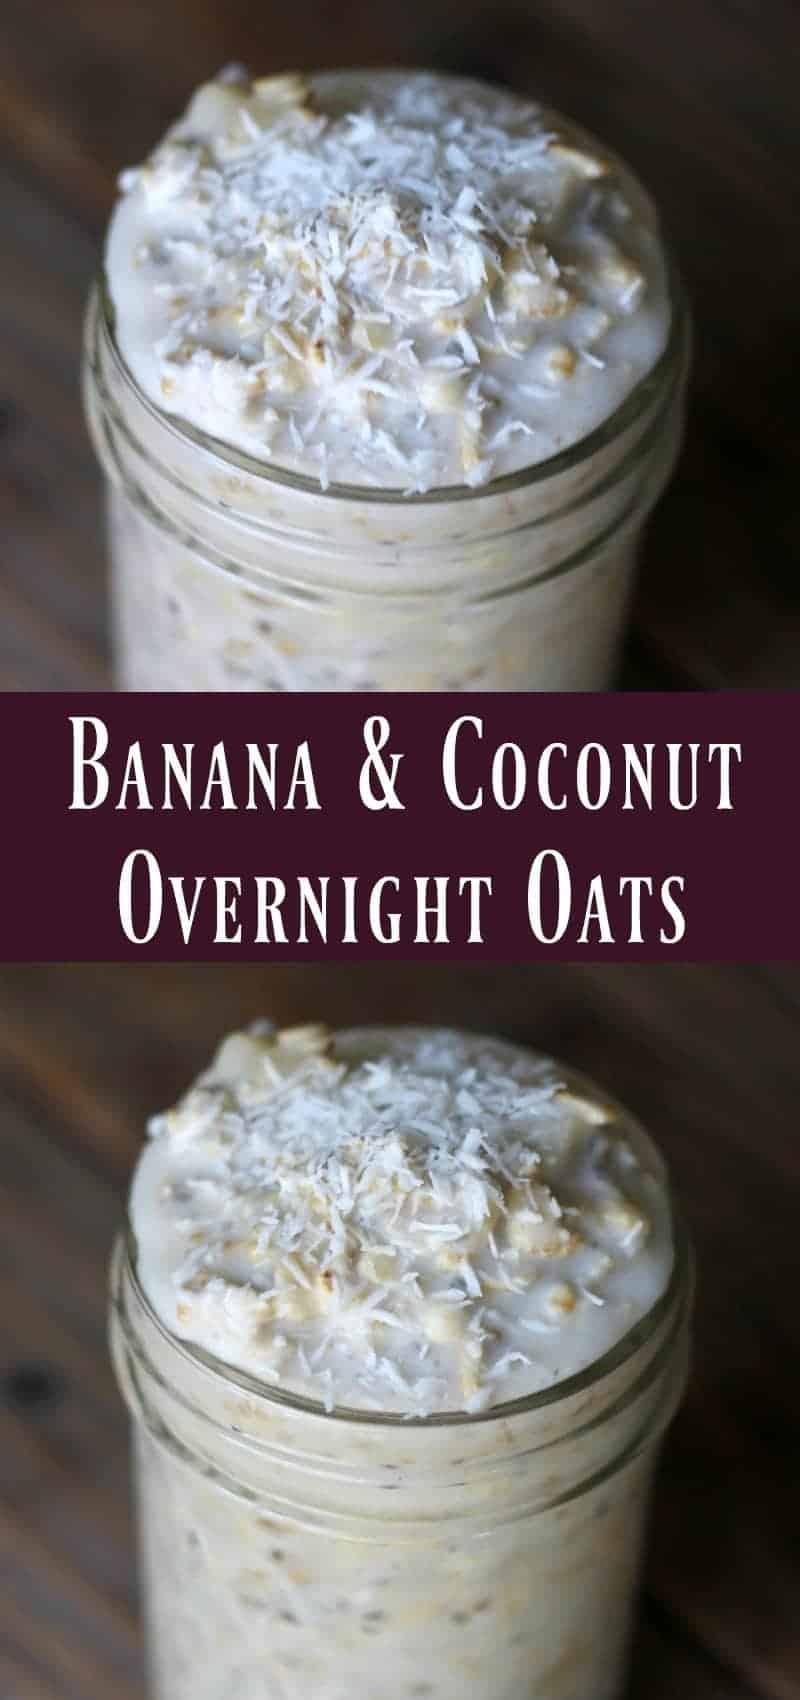 Banana and Coconut Overnight Oats